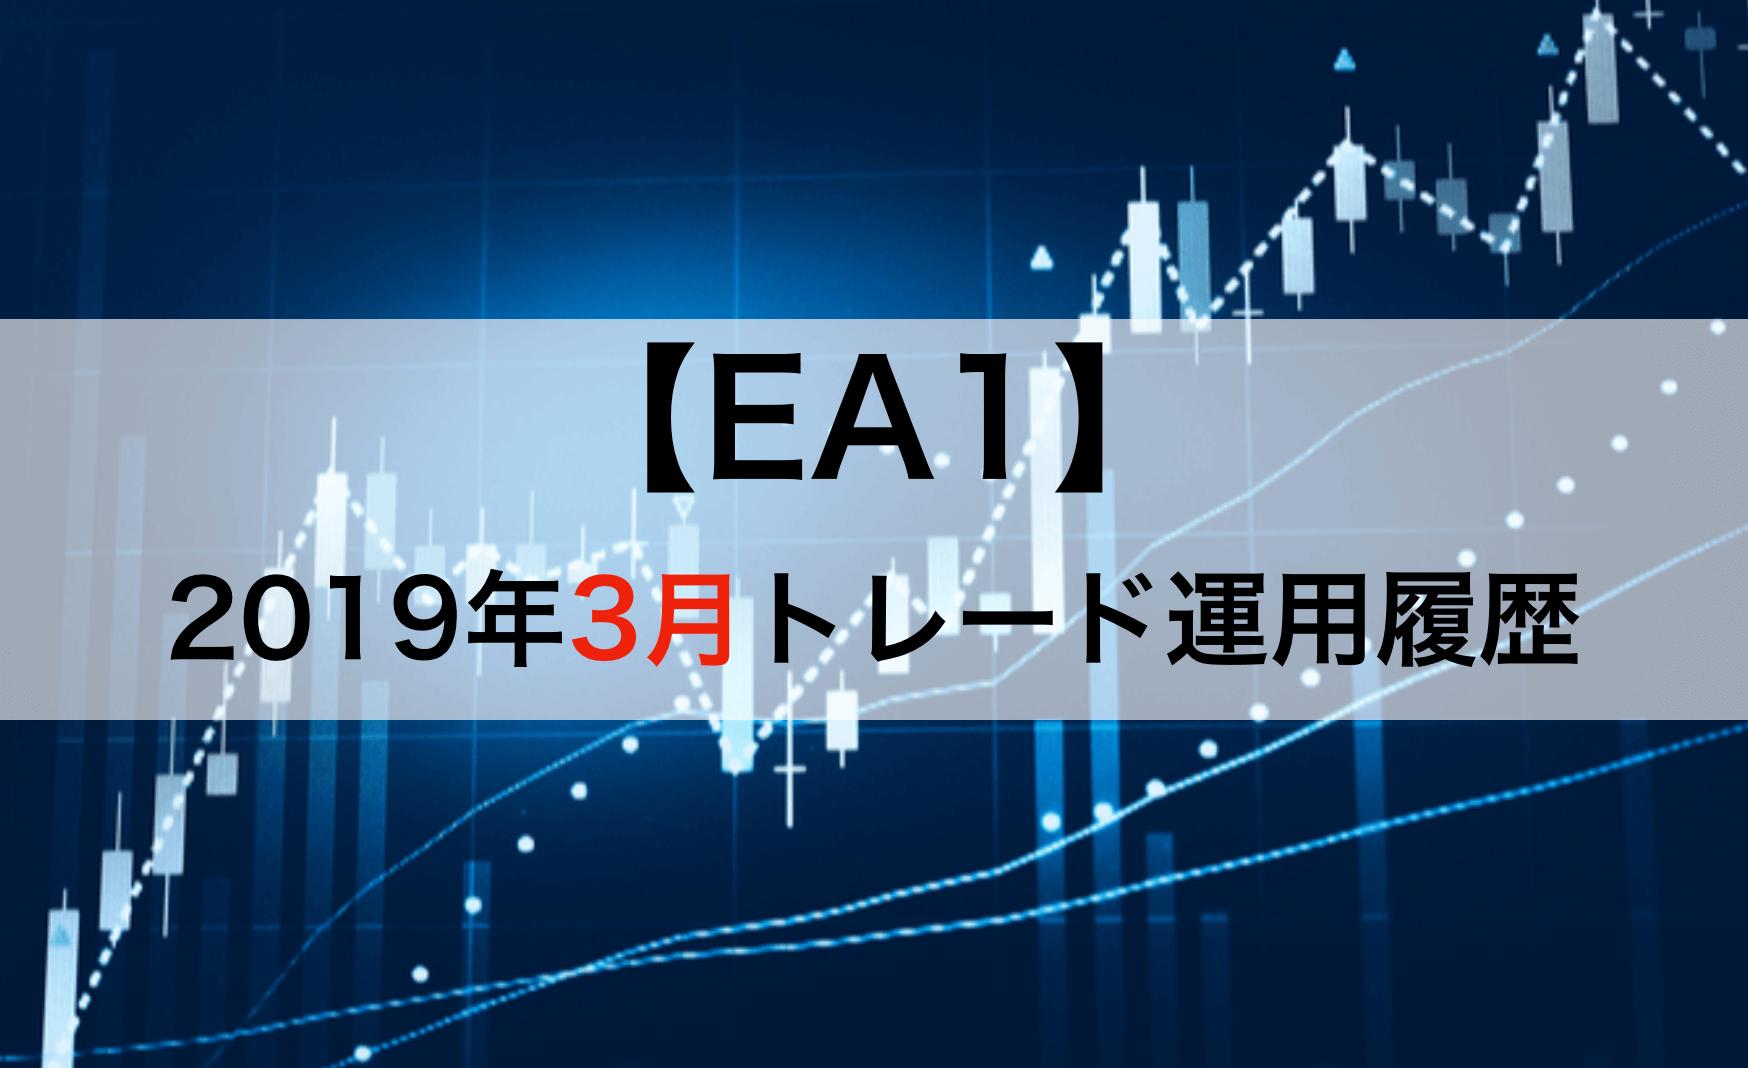 2019.3月のEA1自動売買結果